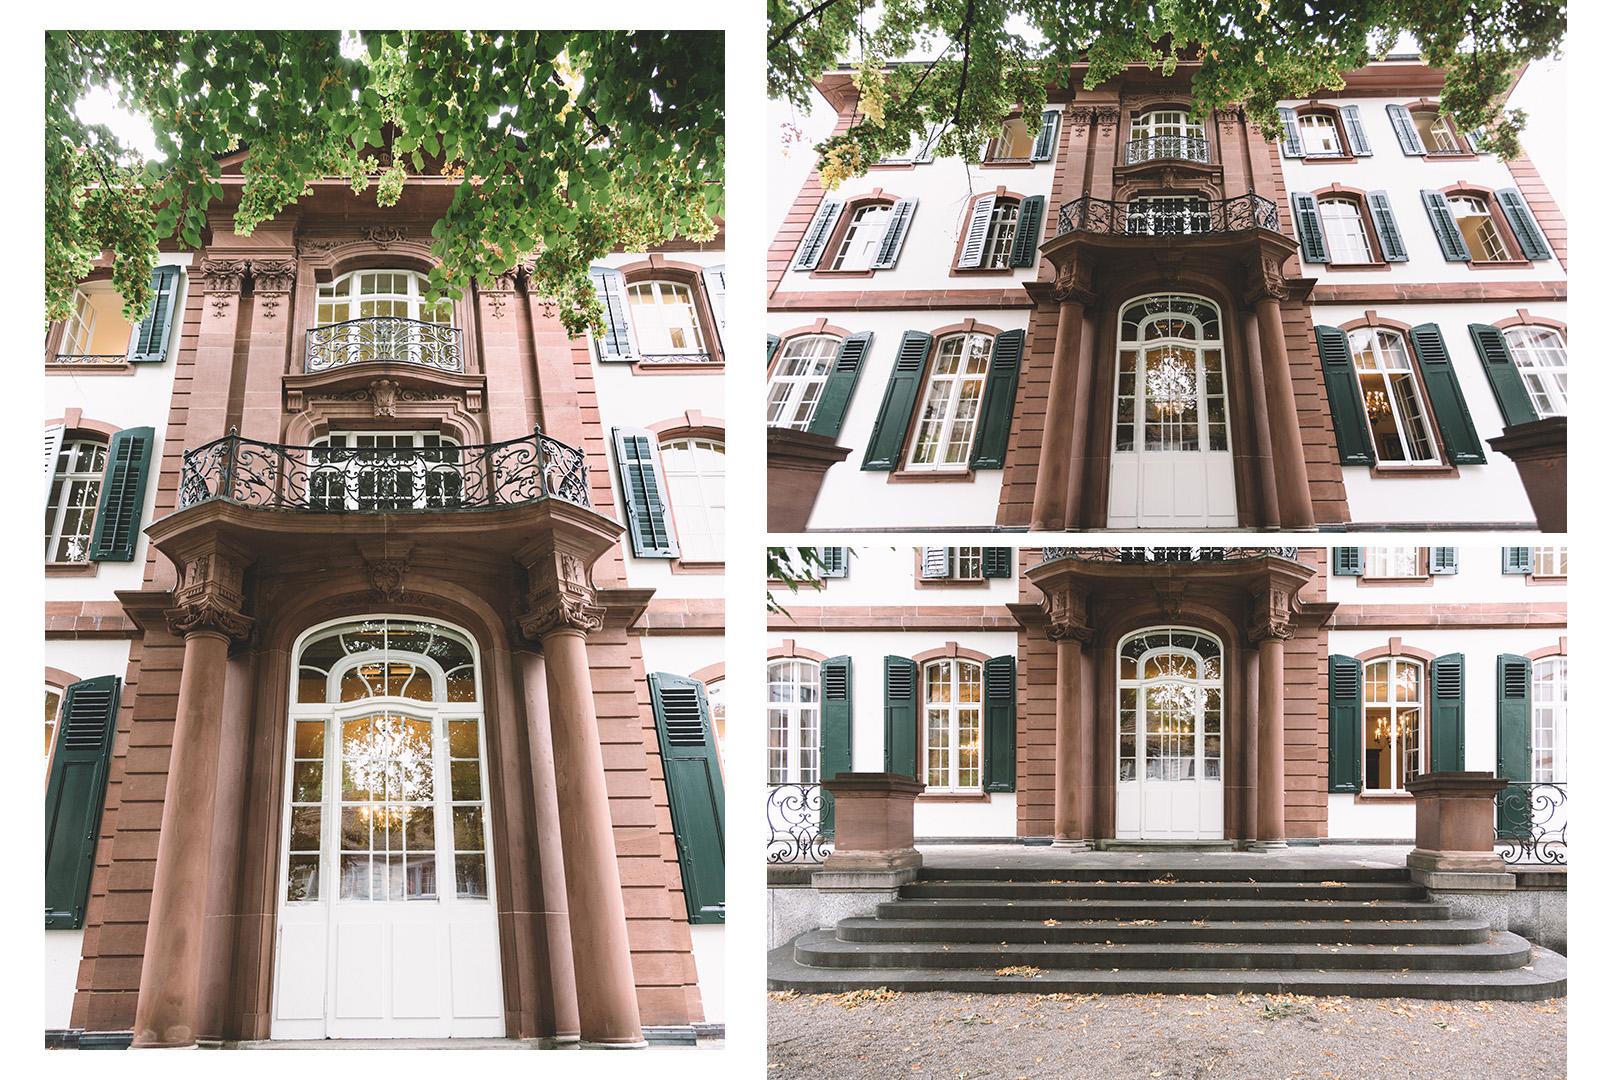 Basel İsviçre Belediye Evlendirme Salonu